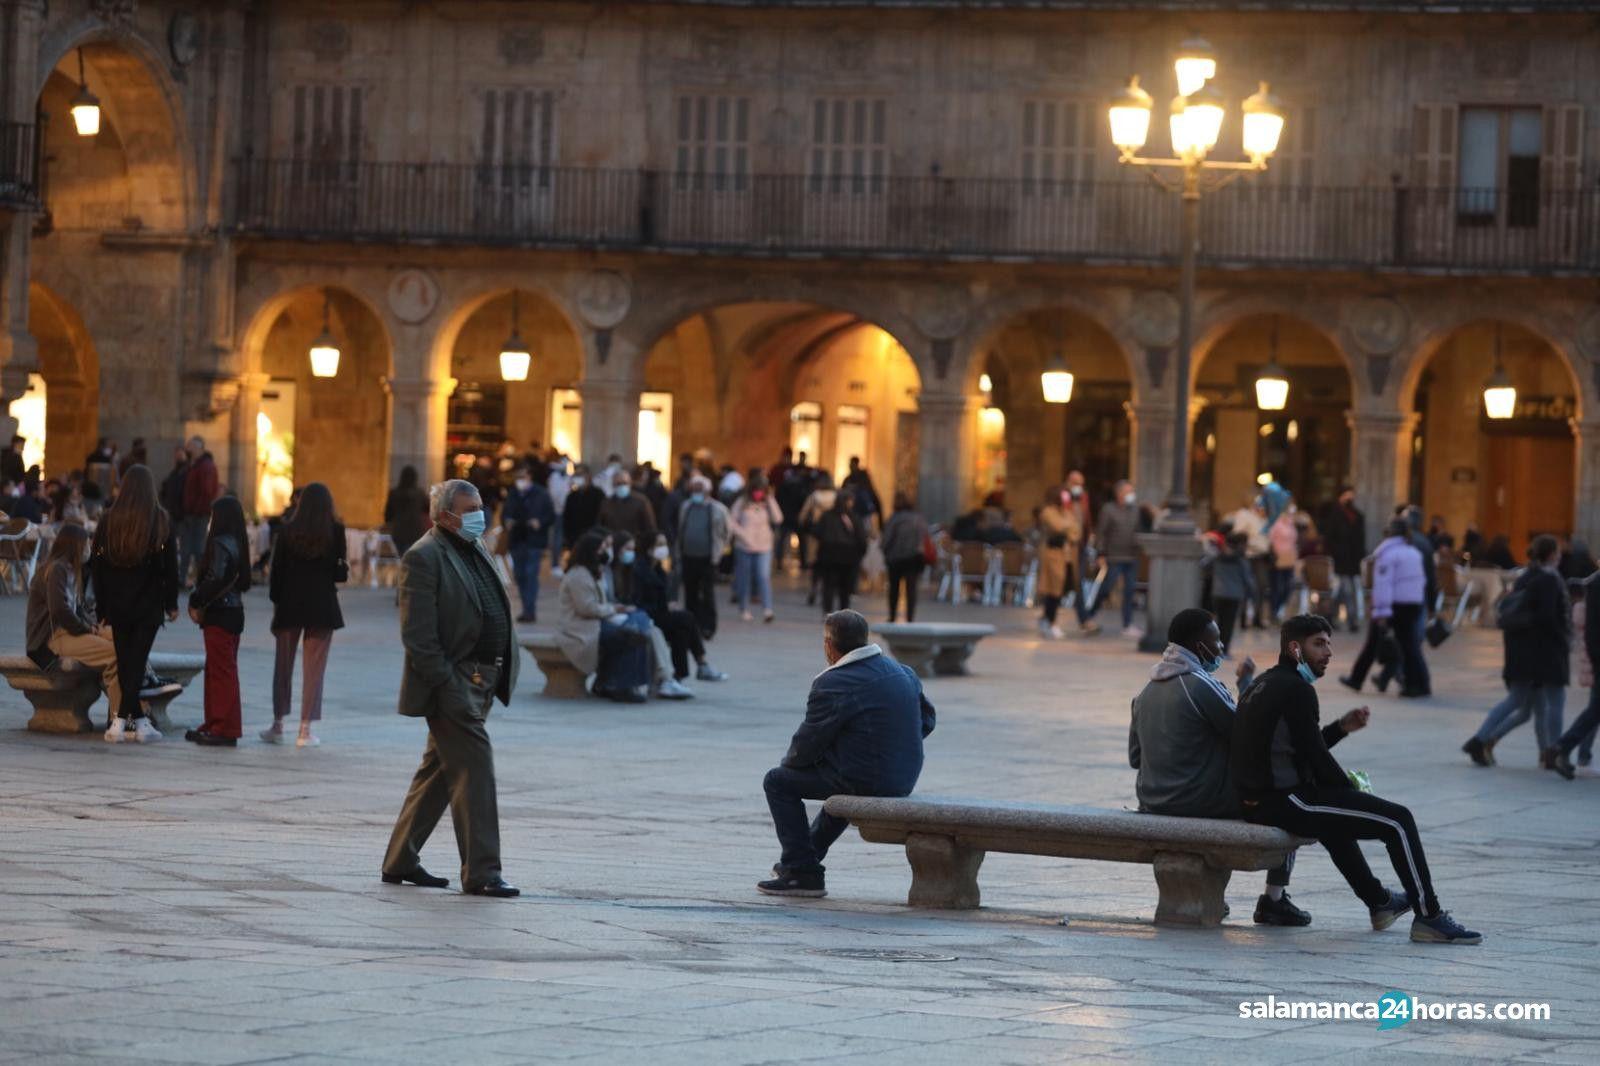 Buen ambiente de sábado antes del toque de queda en Salamanca (2)